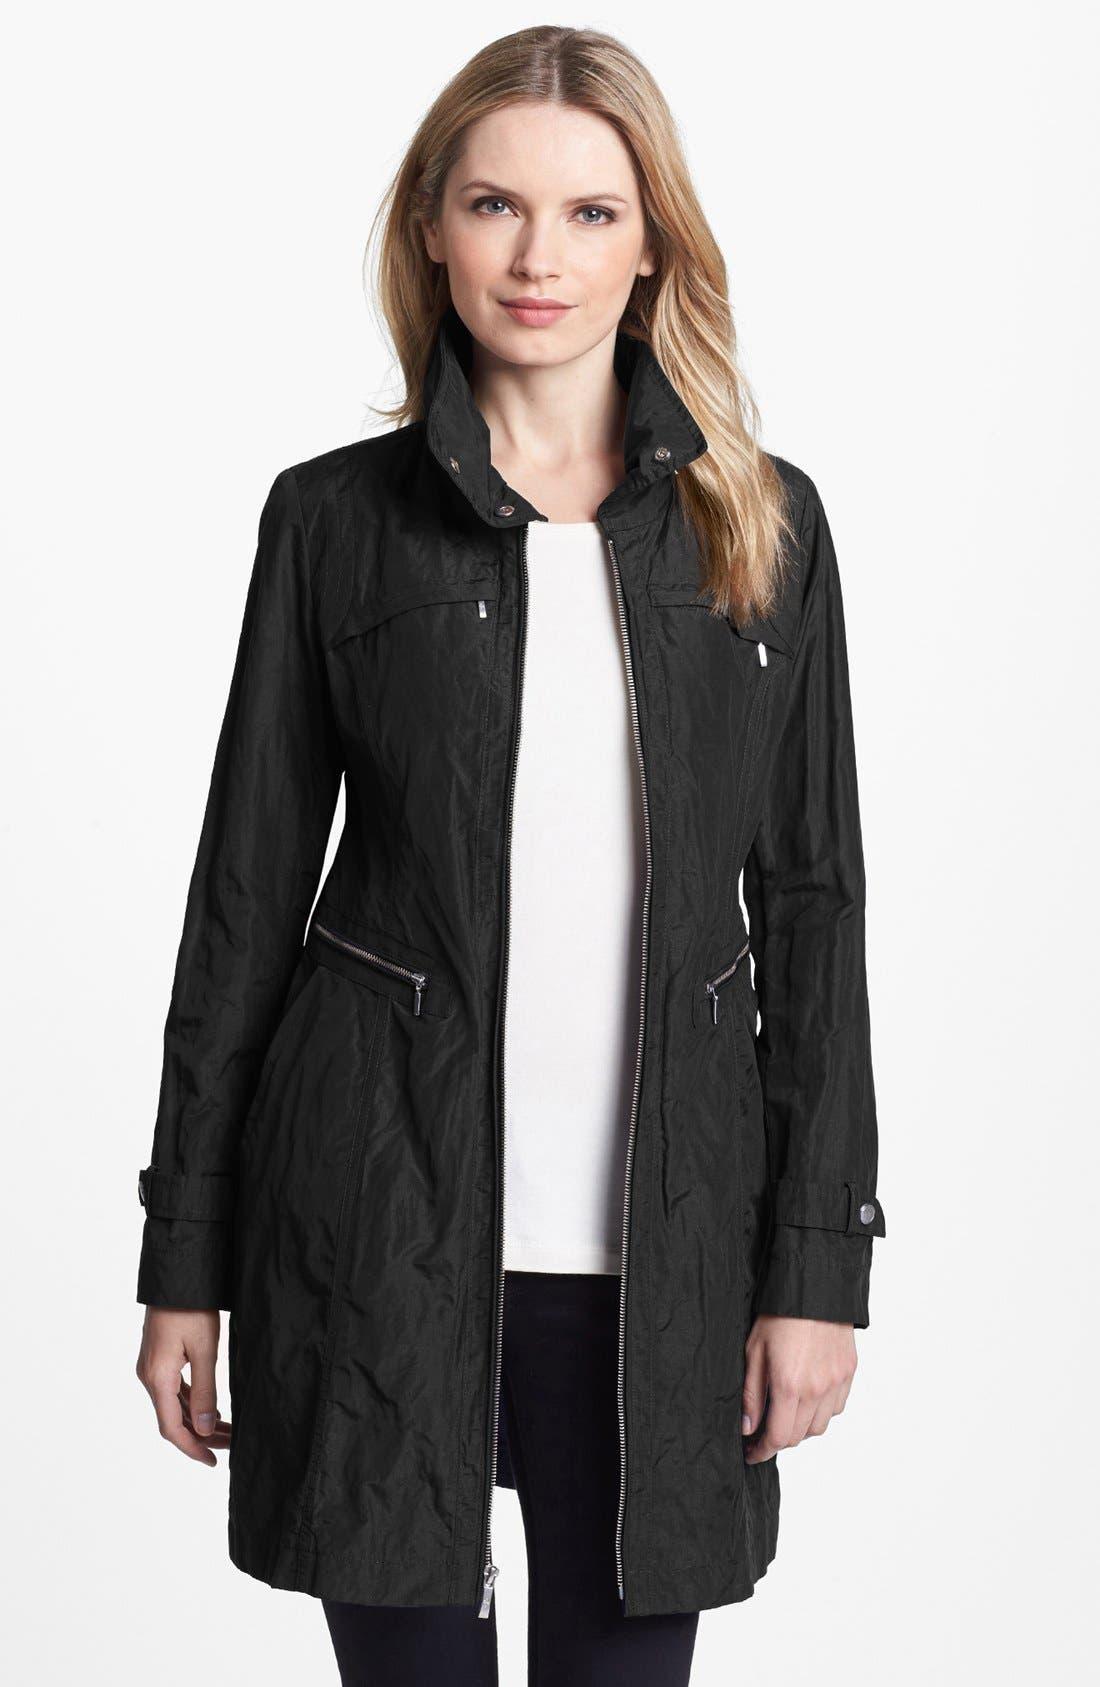 Main Image - Cole Haan Metallic Packable Jacket